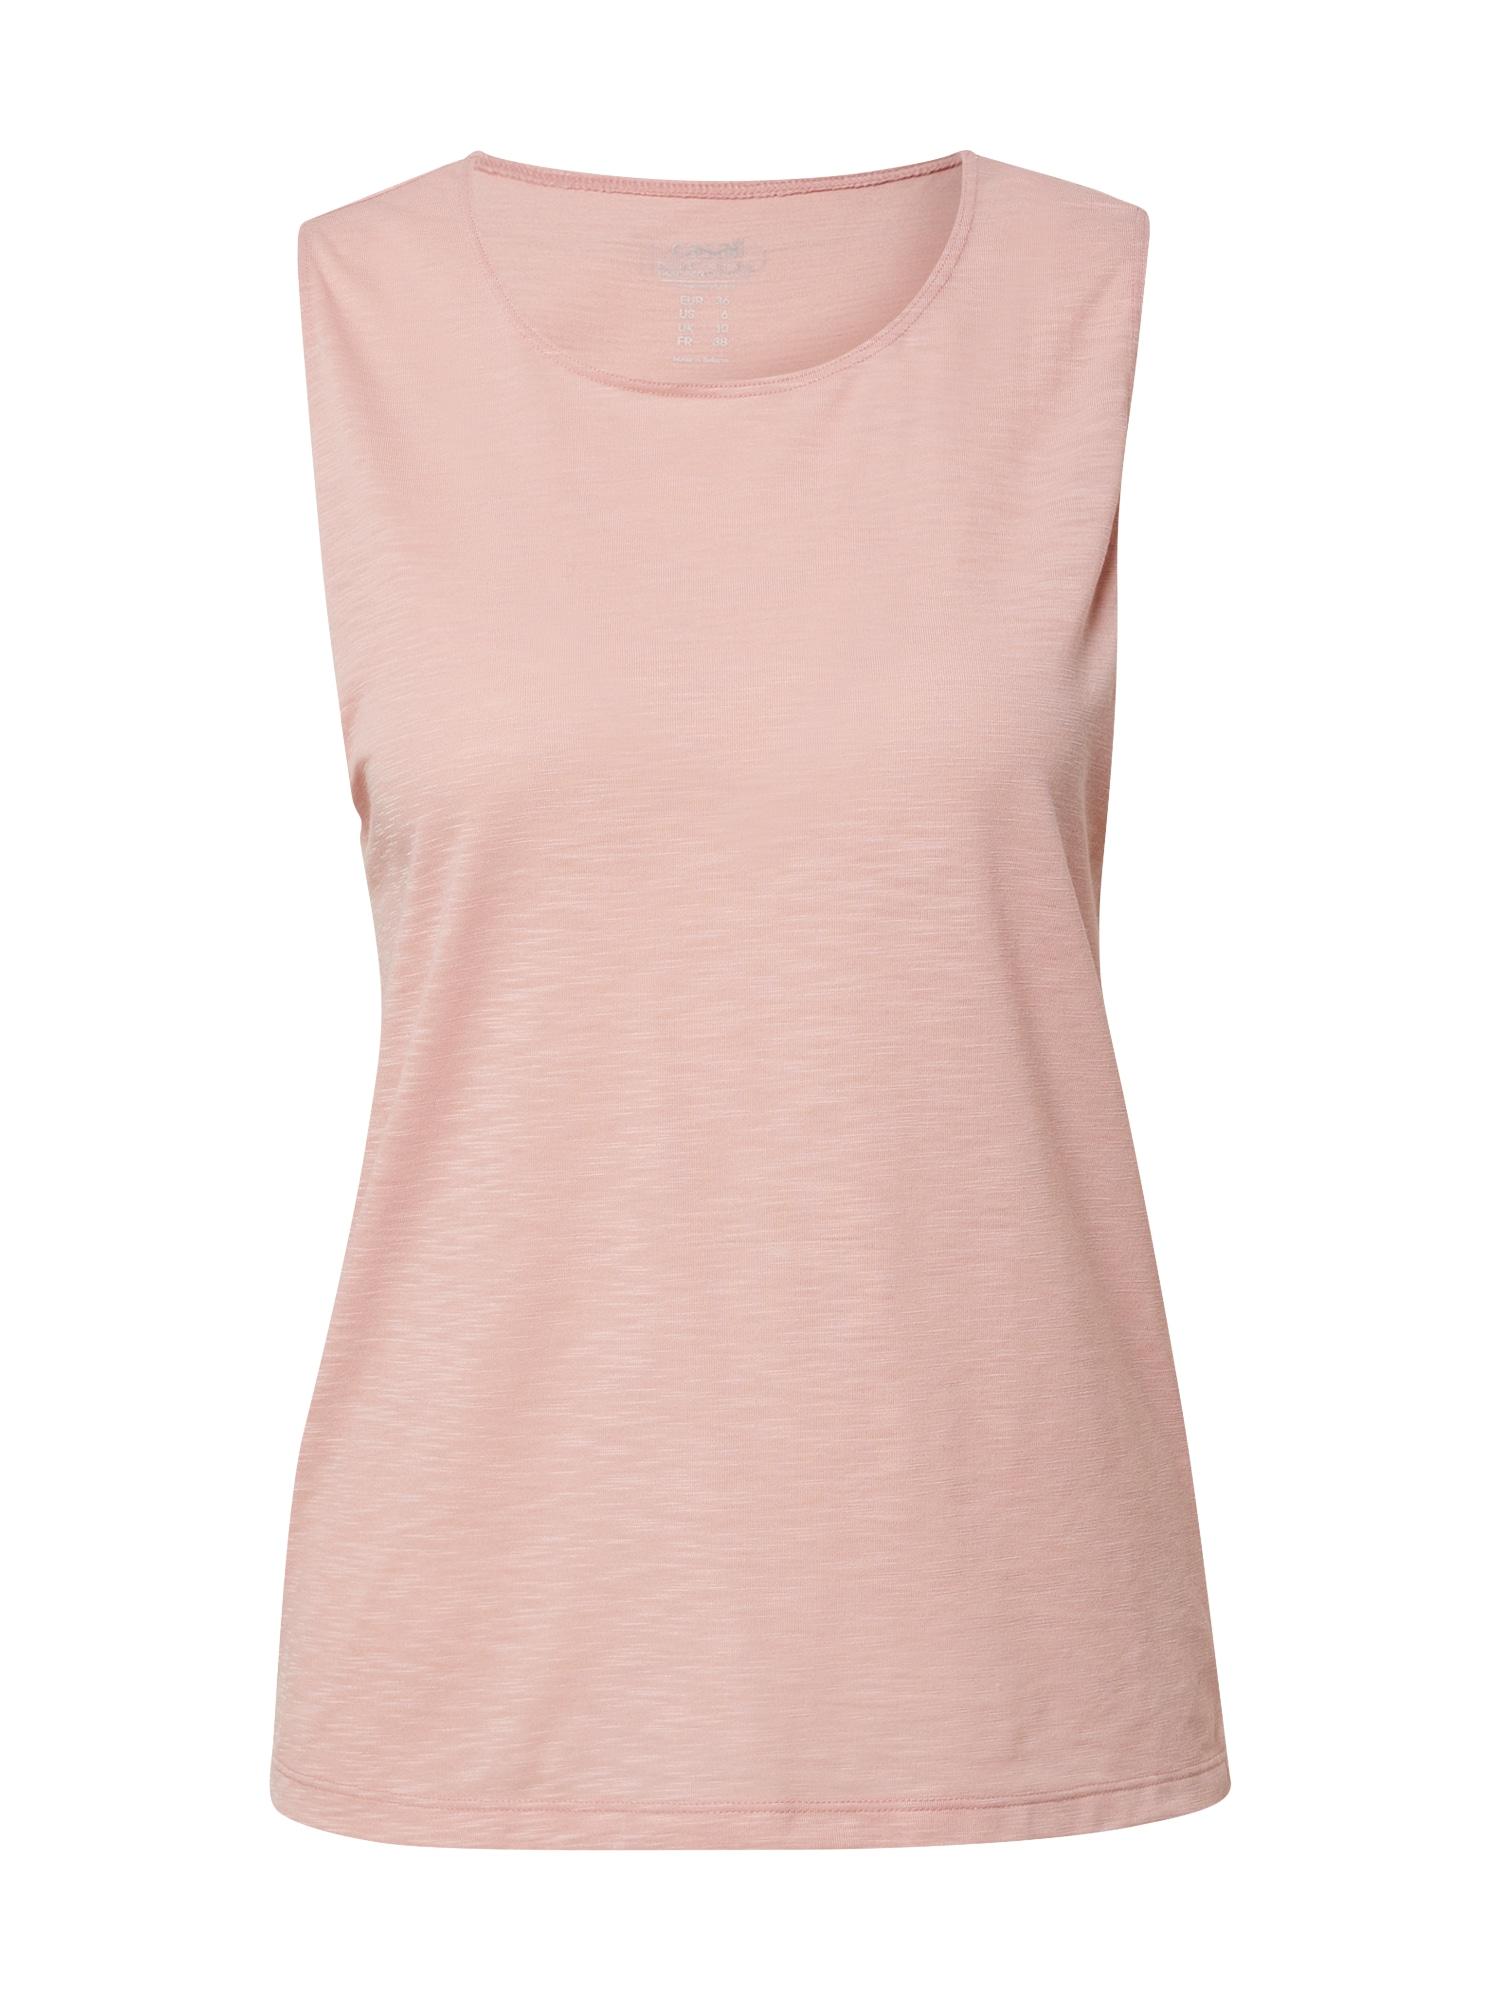 Casall Sportiniai marškinėliai be rankovių rožinė